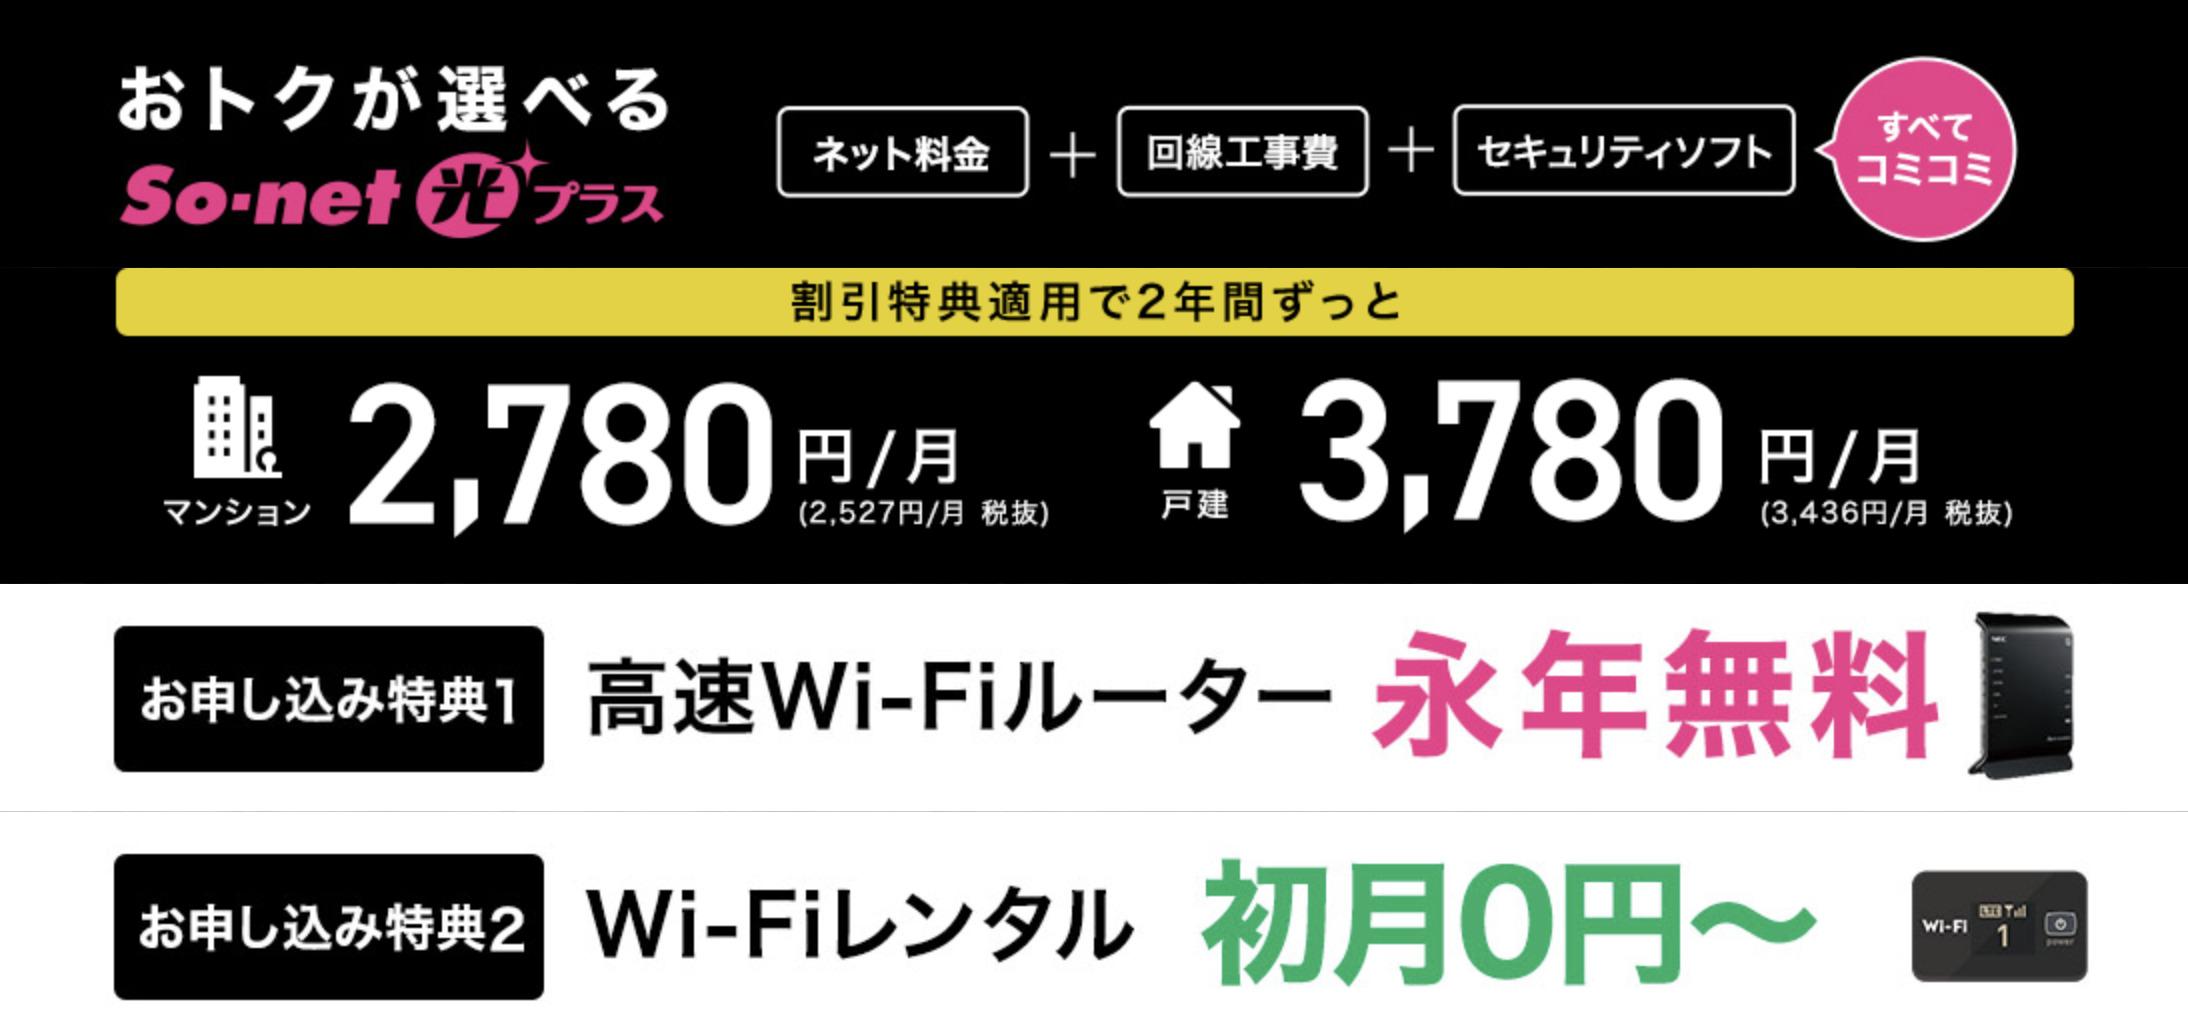 So-net光プラス詳細画像